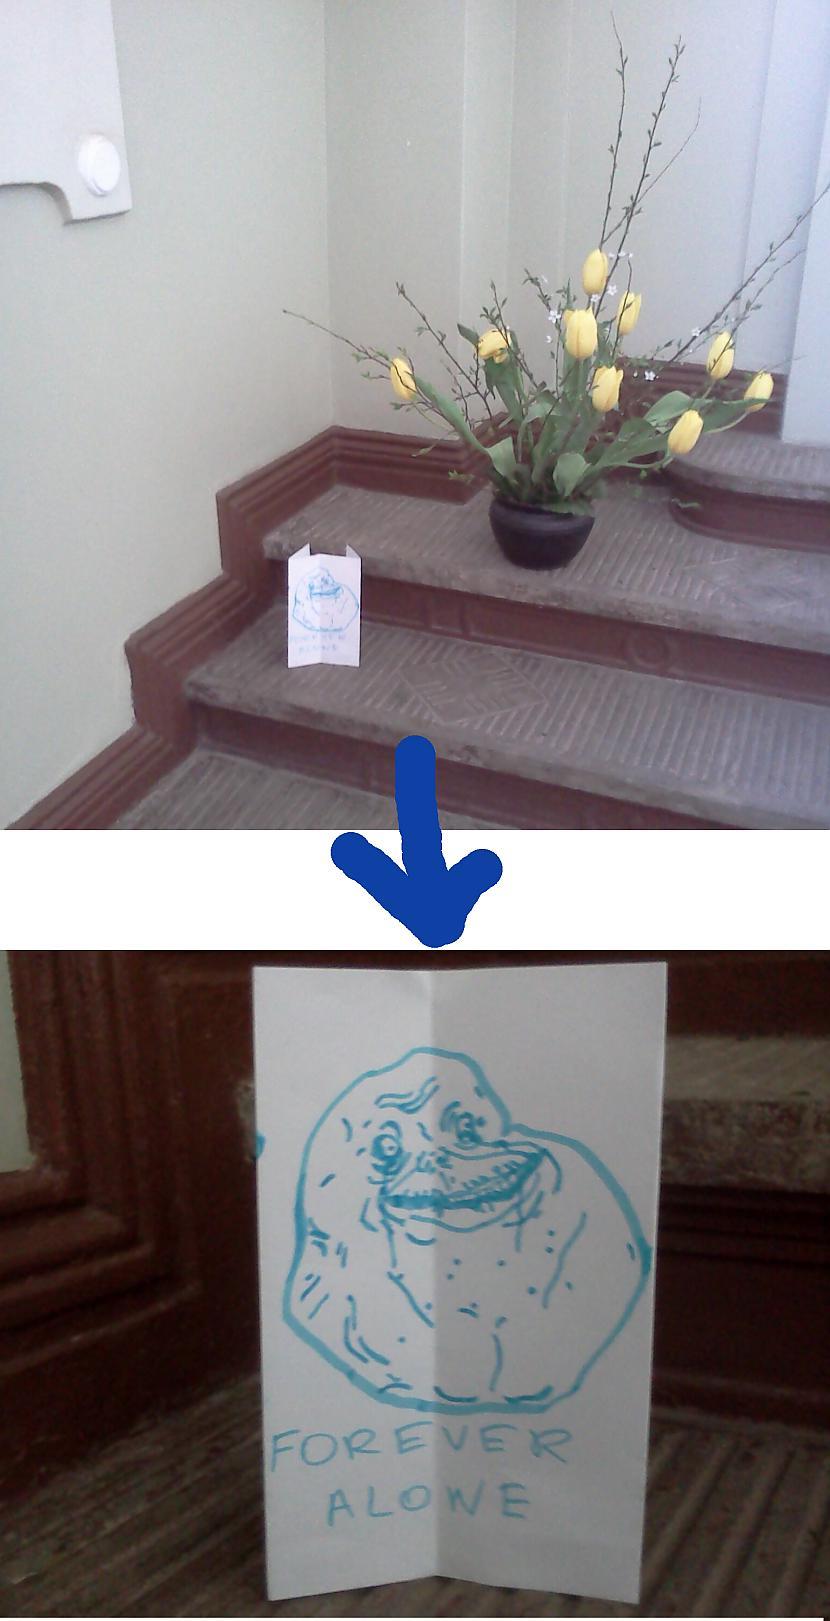 Šāda puķīte stāvēja Liepājas... Autors: Chrome Random bildes, fočētas ar telefonu.